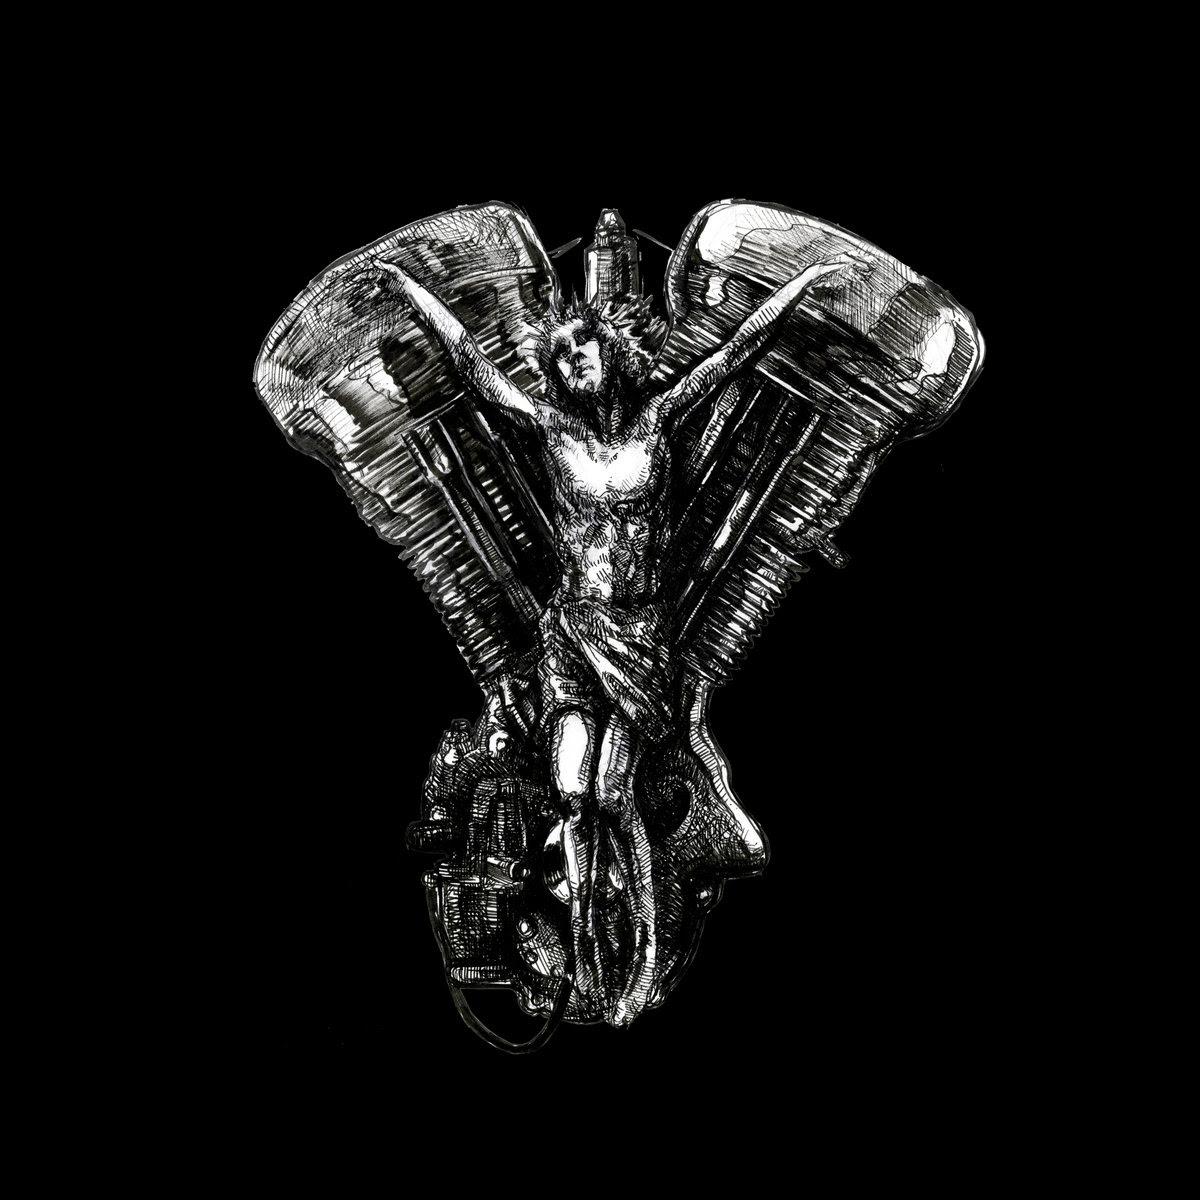 Imperial Triumphant - Abominamentvm (2012)